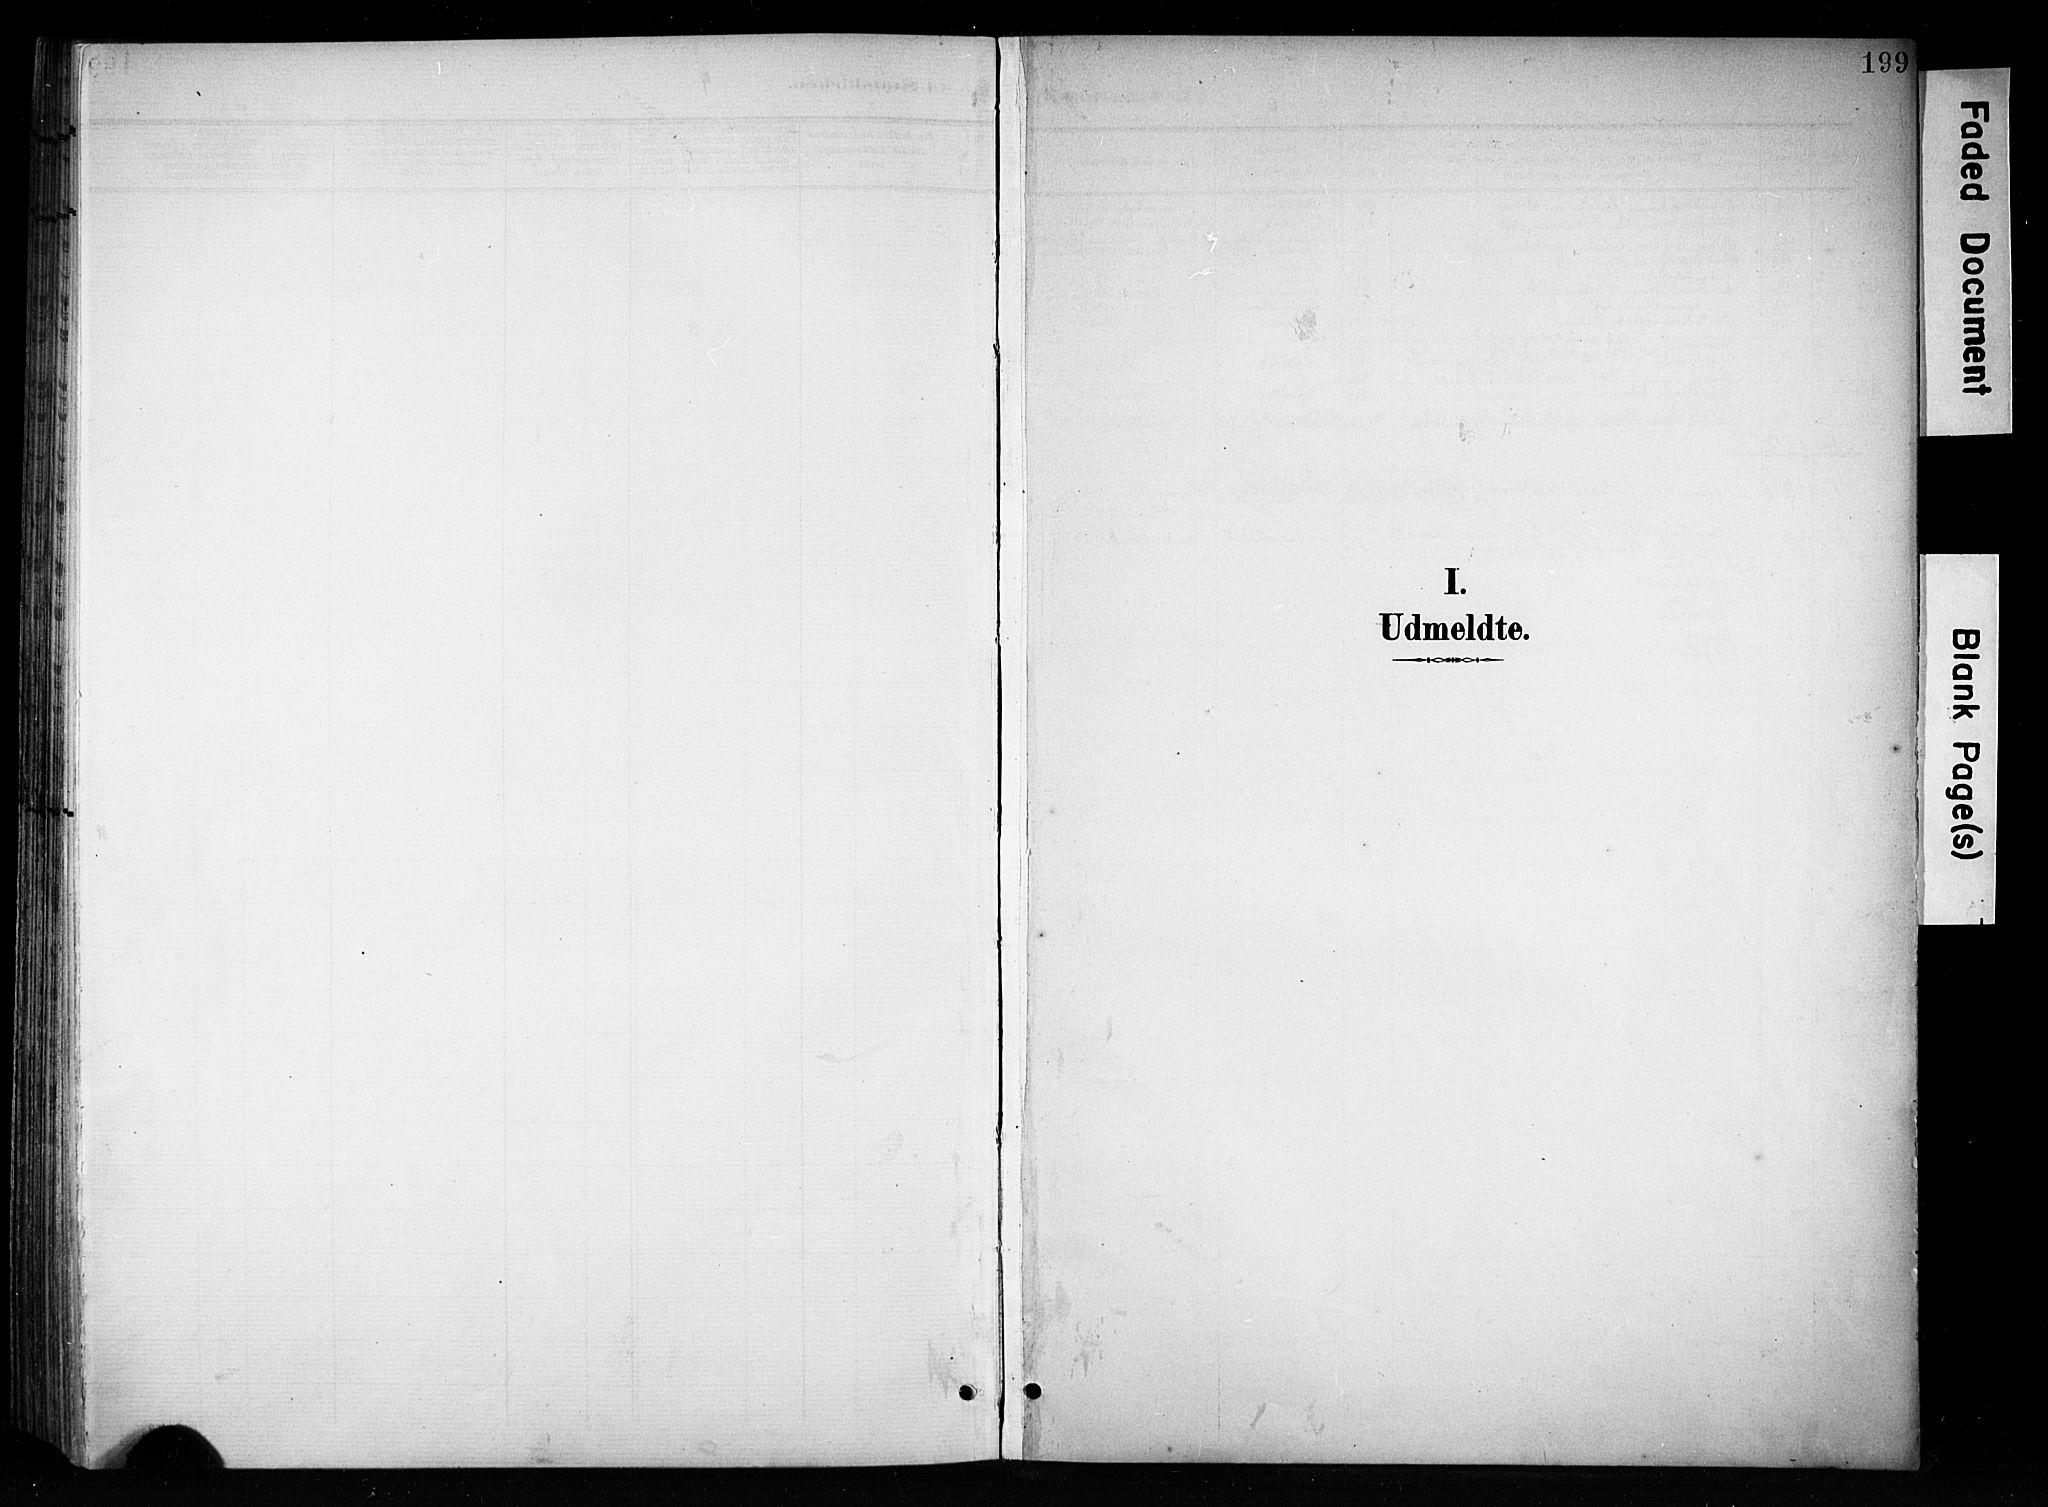 SAH, Brandbu prestekontor, Ministerialbok nr. 1, 1900-1912, s. 199